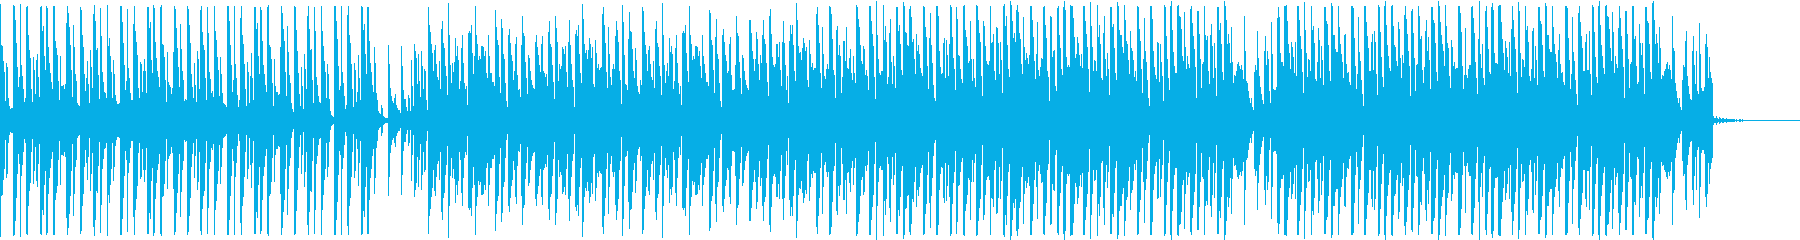 アップビートなダンス・ミュージックの再生済みの波形